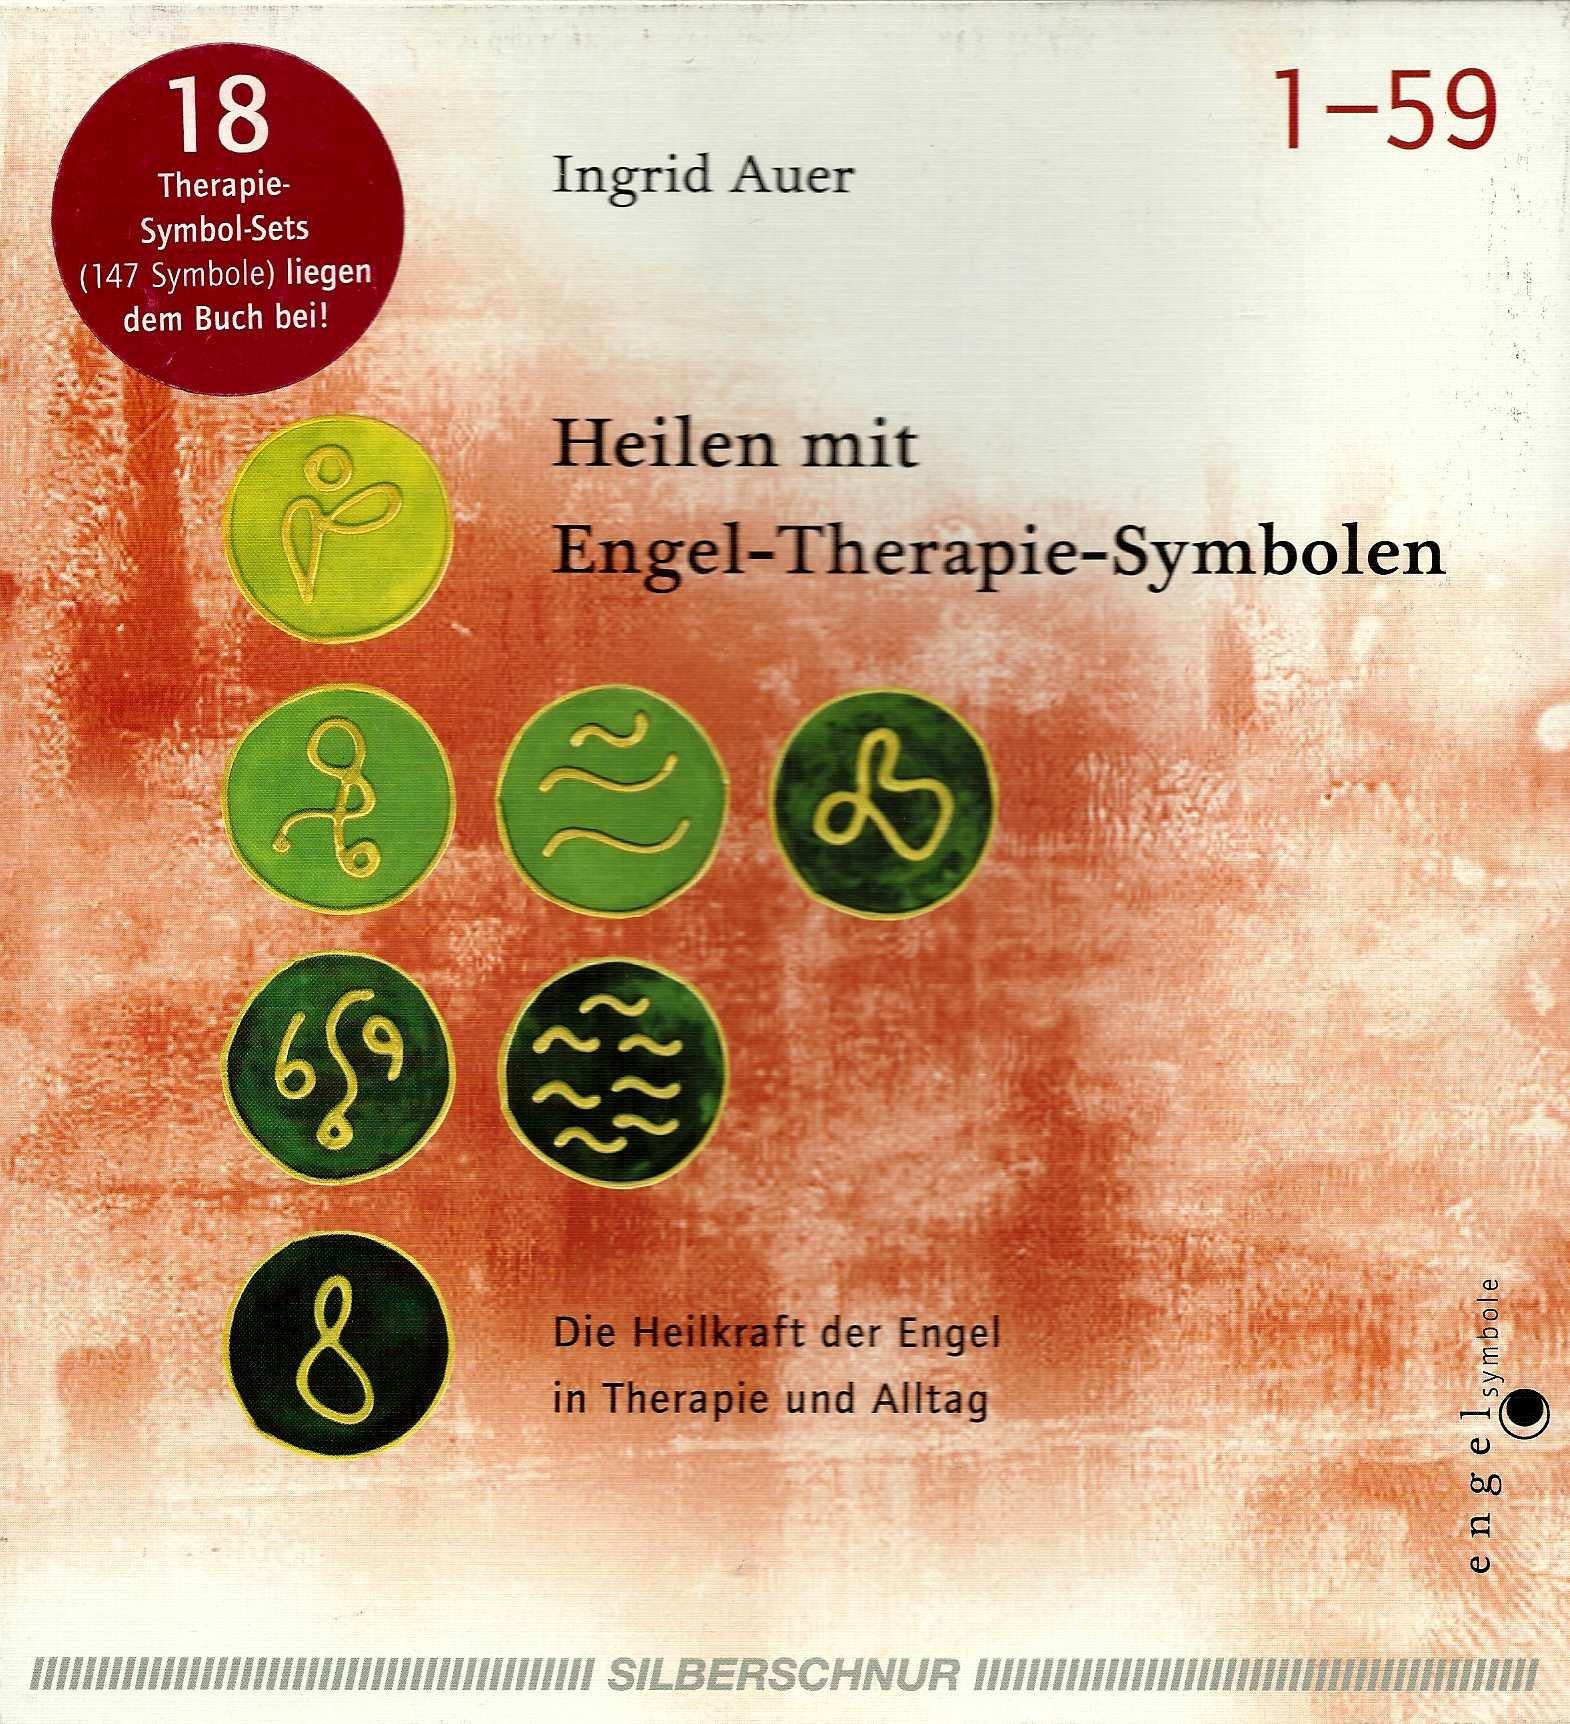 Heilen mit Engel-Therapie-Symbolen. Buch und Symbole. Die Heilkraft der Engel in Therapie und Alltag